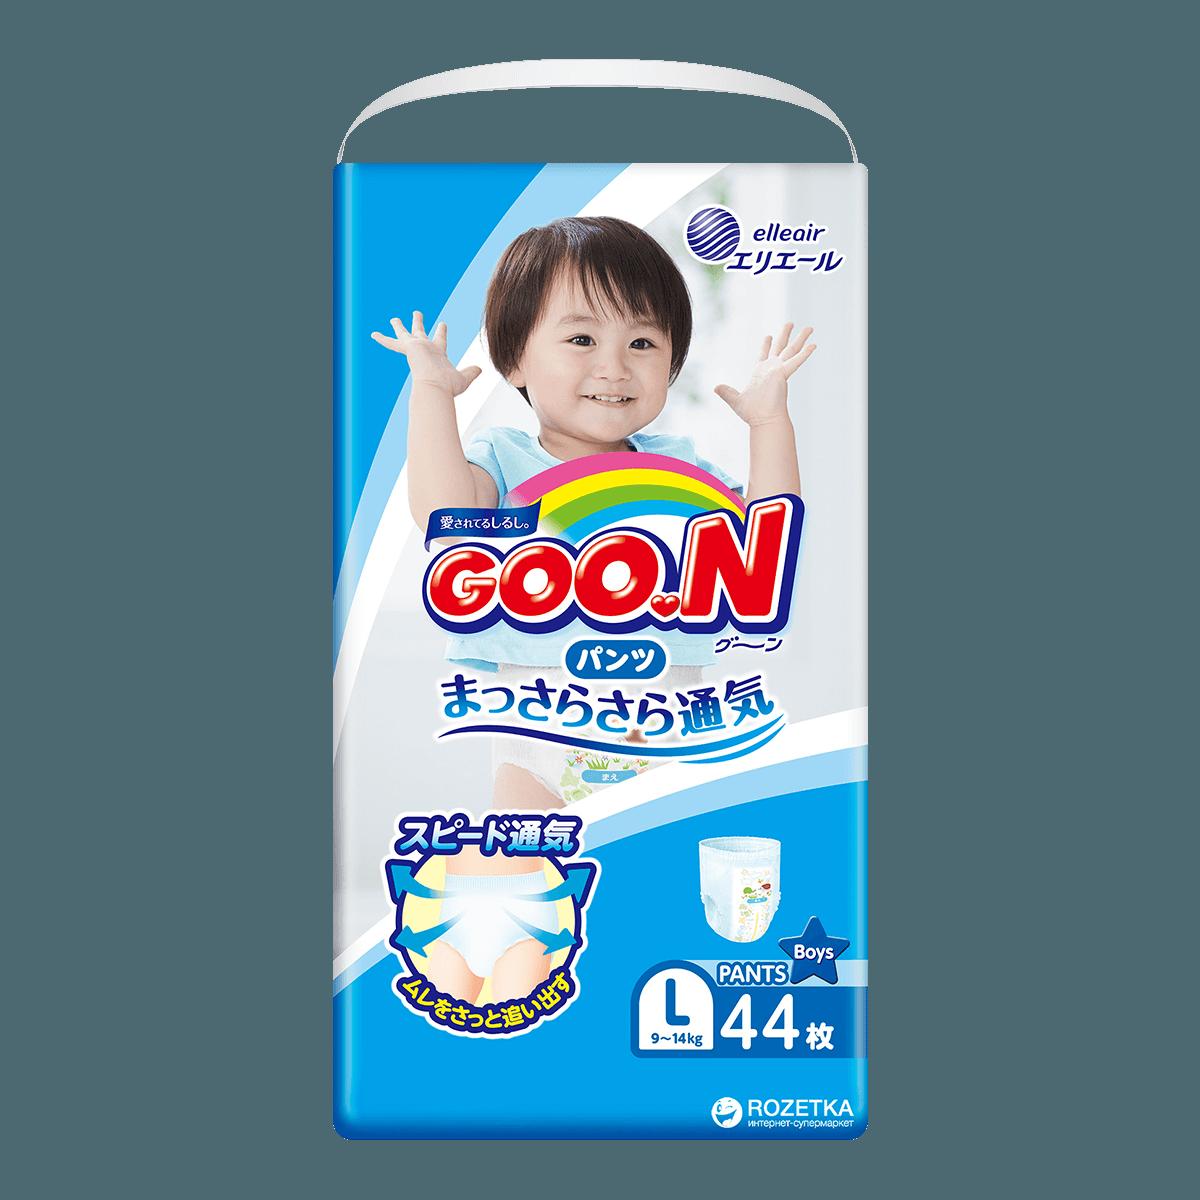 GOO.N Baby Diaper Soft Pants for Boy Type L Size 9-14kg 44Pcs